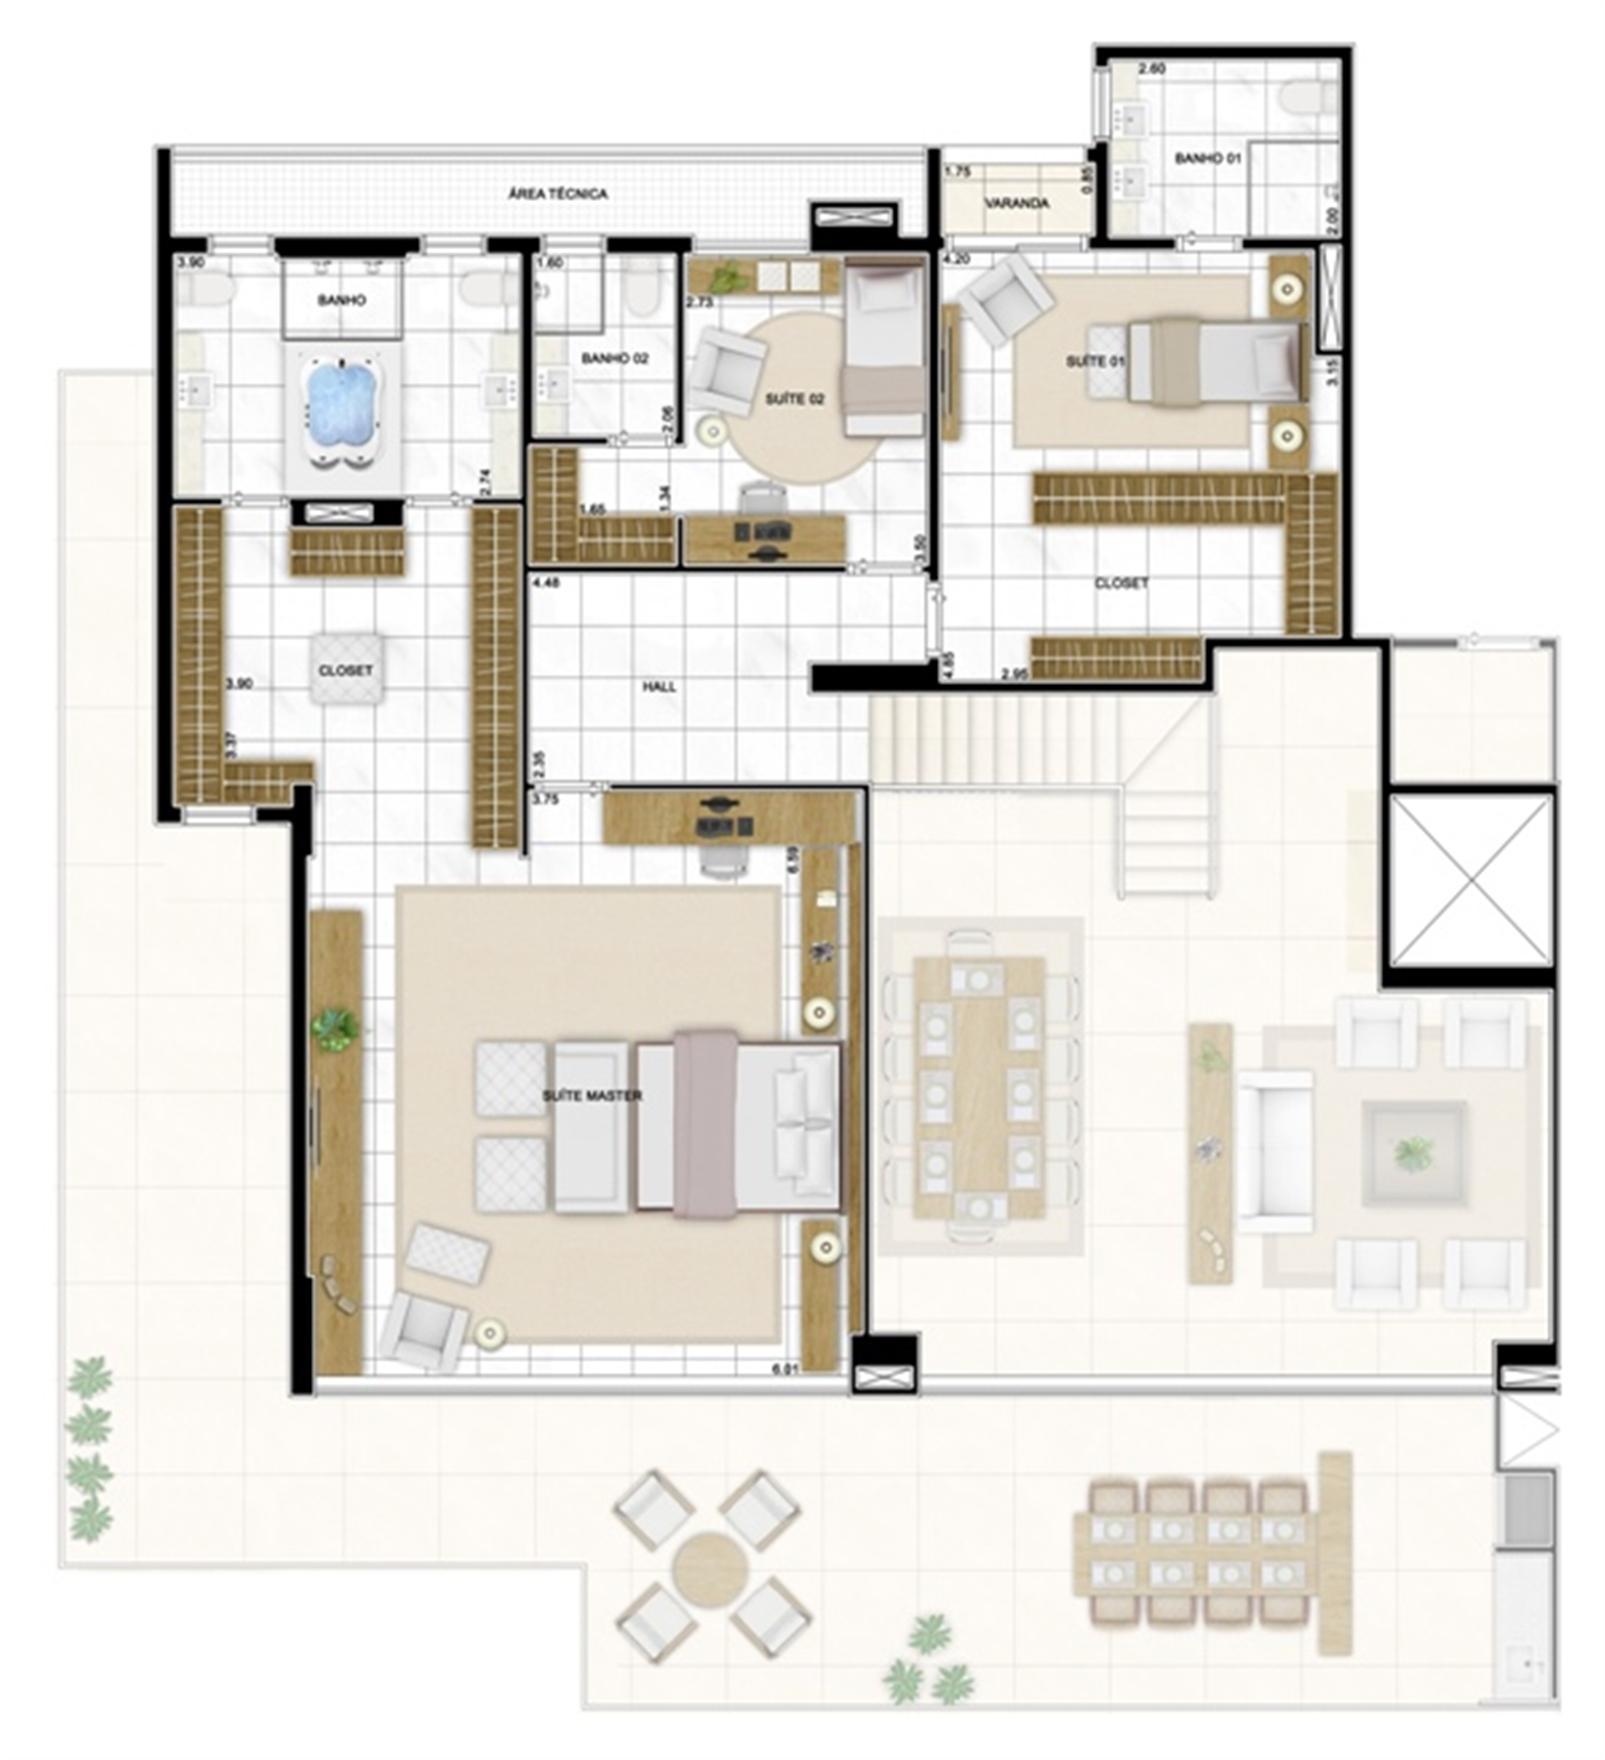 Planta Duplex Superior 406m² | Infinity Areia Preta – Apartamentona  Areia Preta - Natal - Rio Grande do Norte